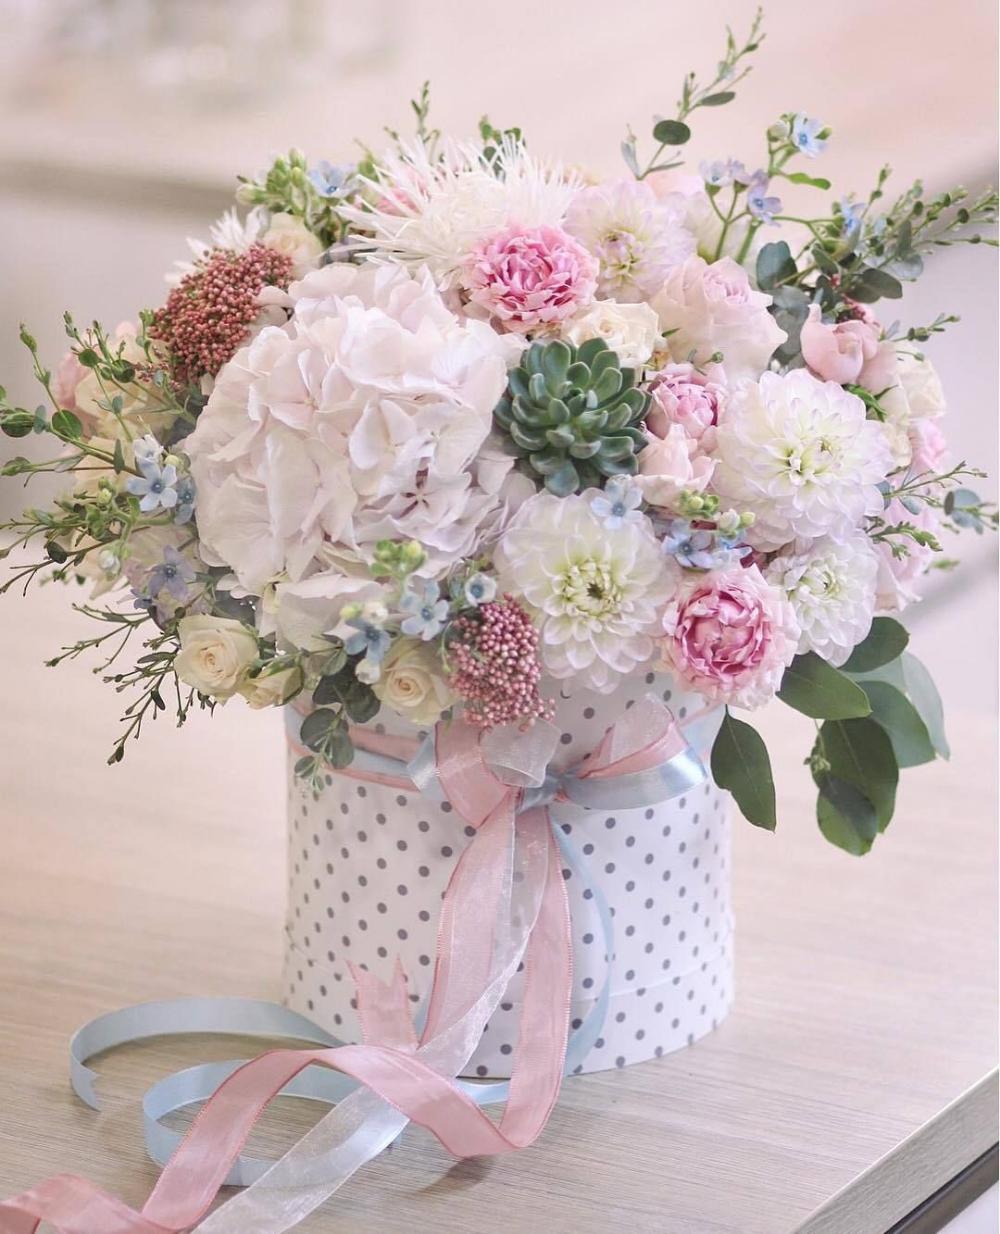 900 Floral Arrangements Ideas In 2021 Floral Arrangements Flower Arrangements Floral